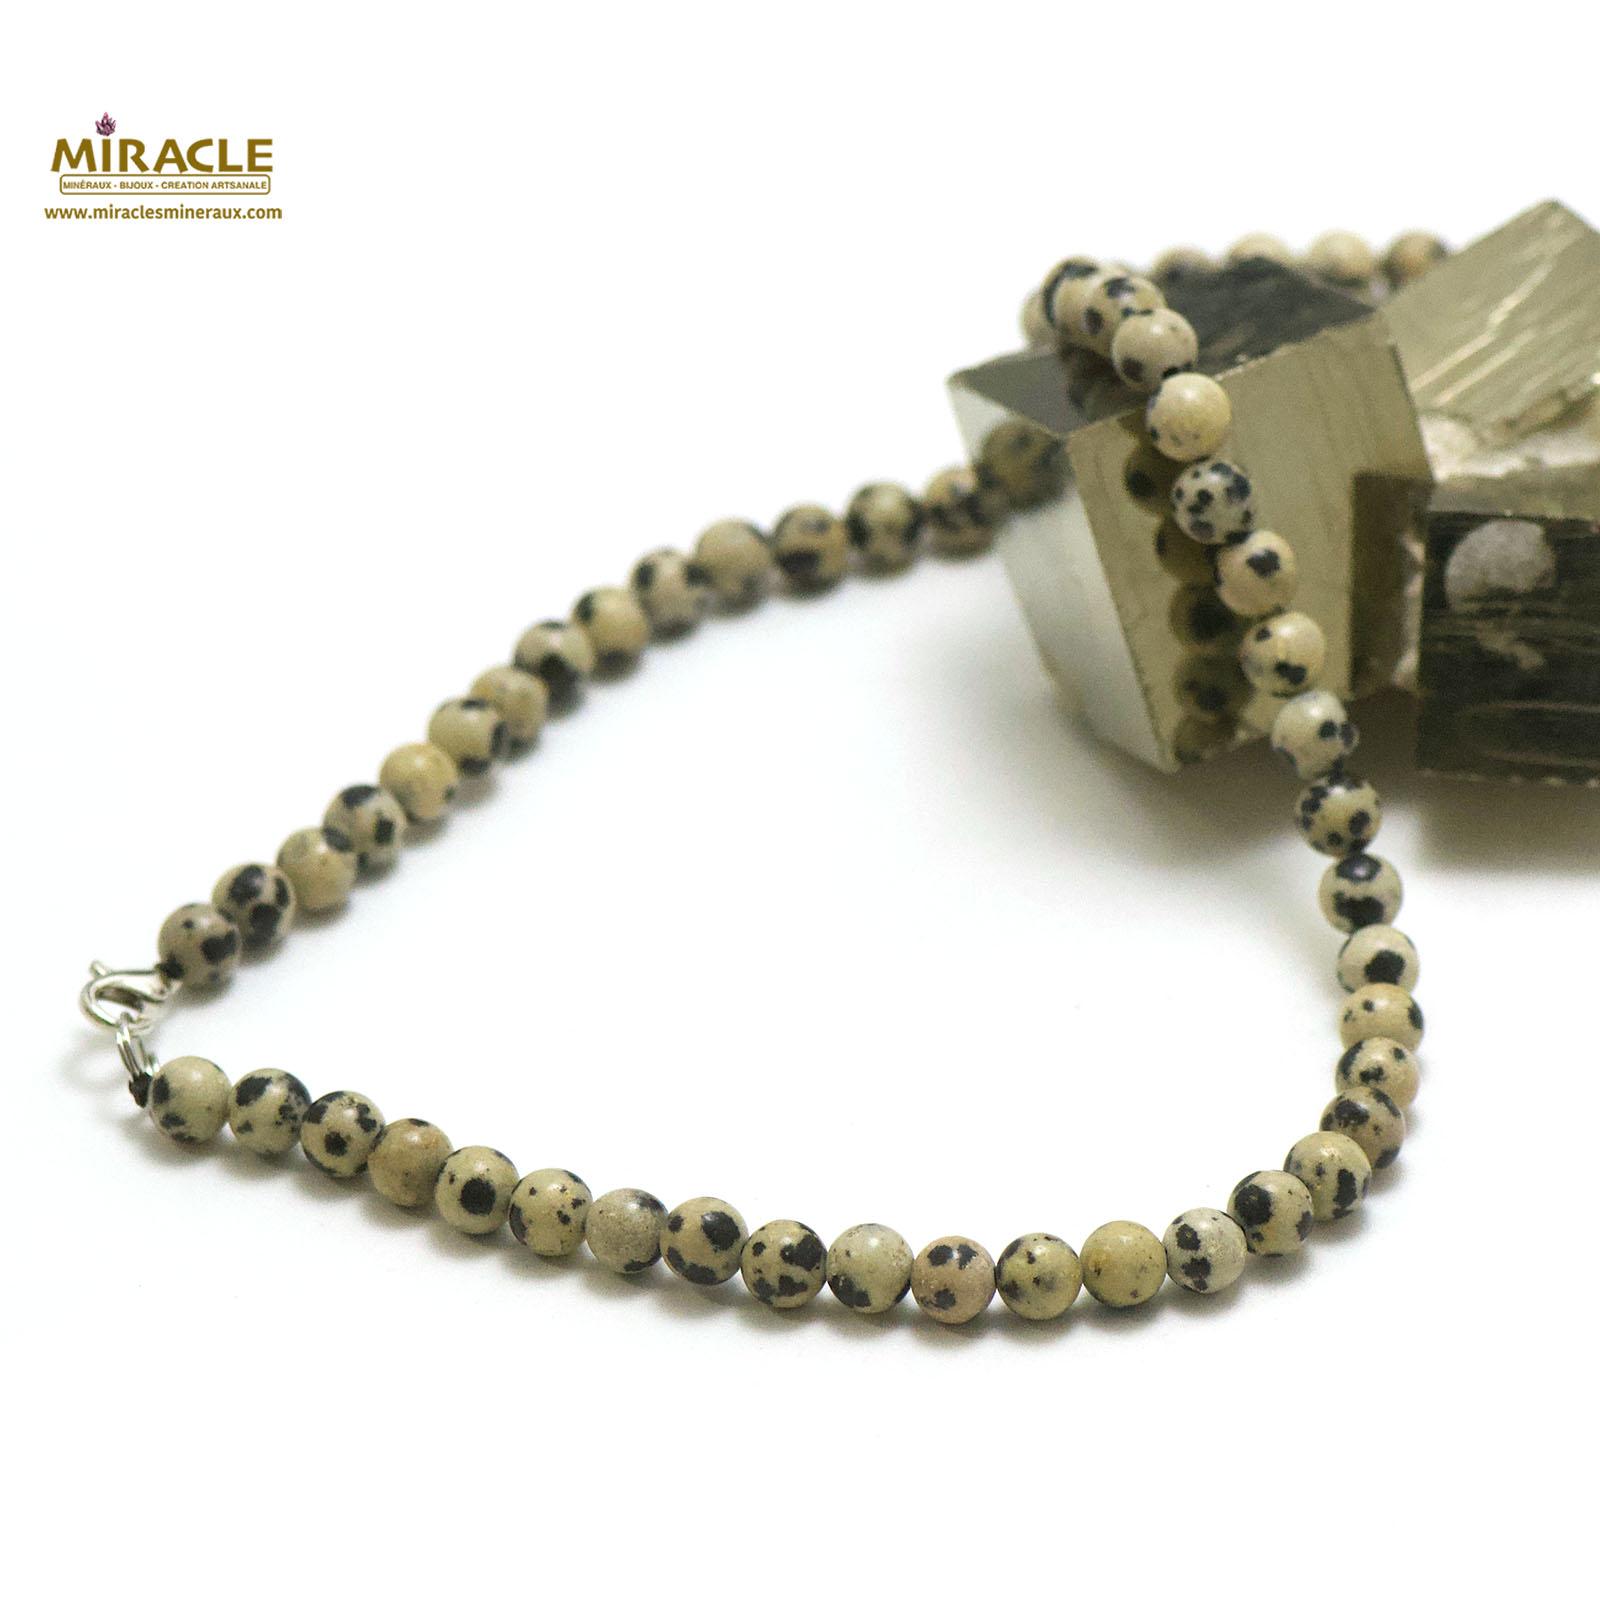 collier en jaspe dalmatien, perle ronde 6 mm